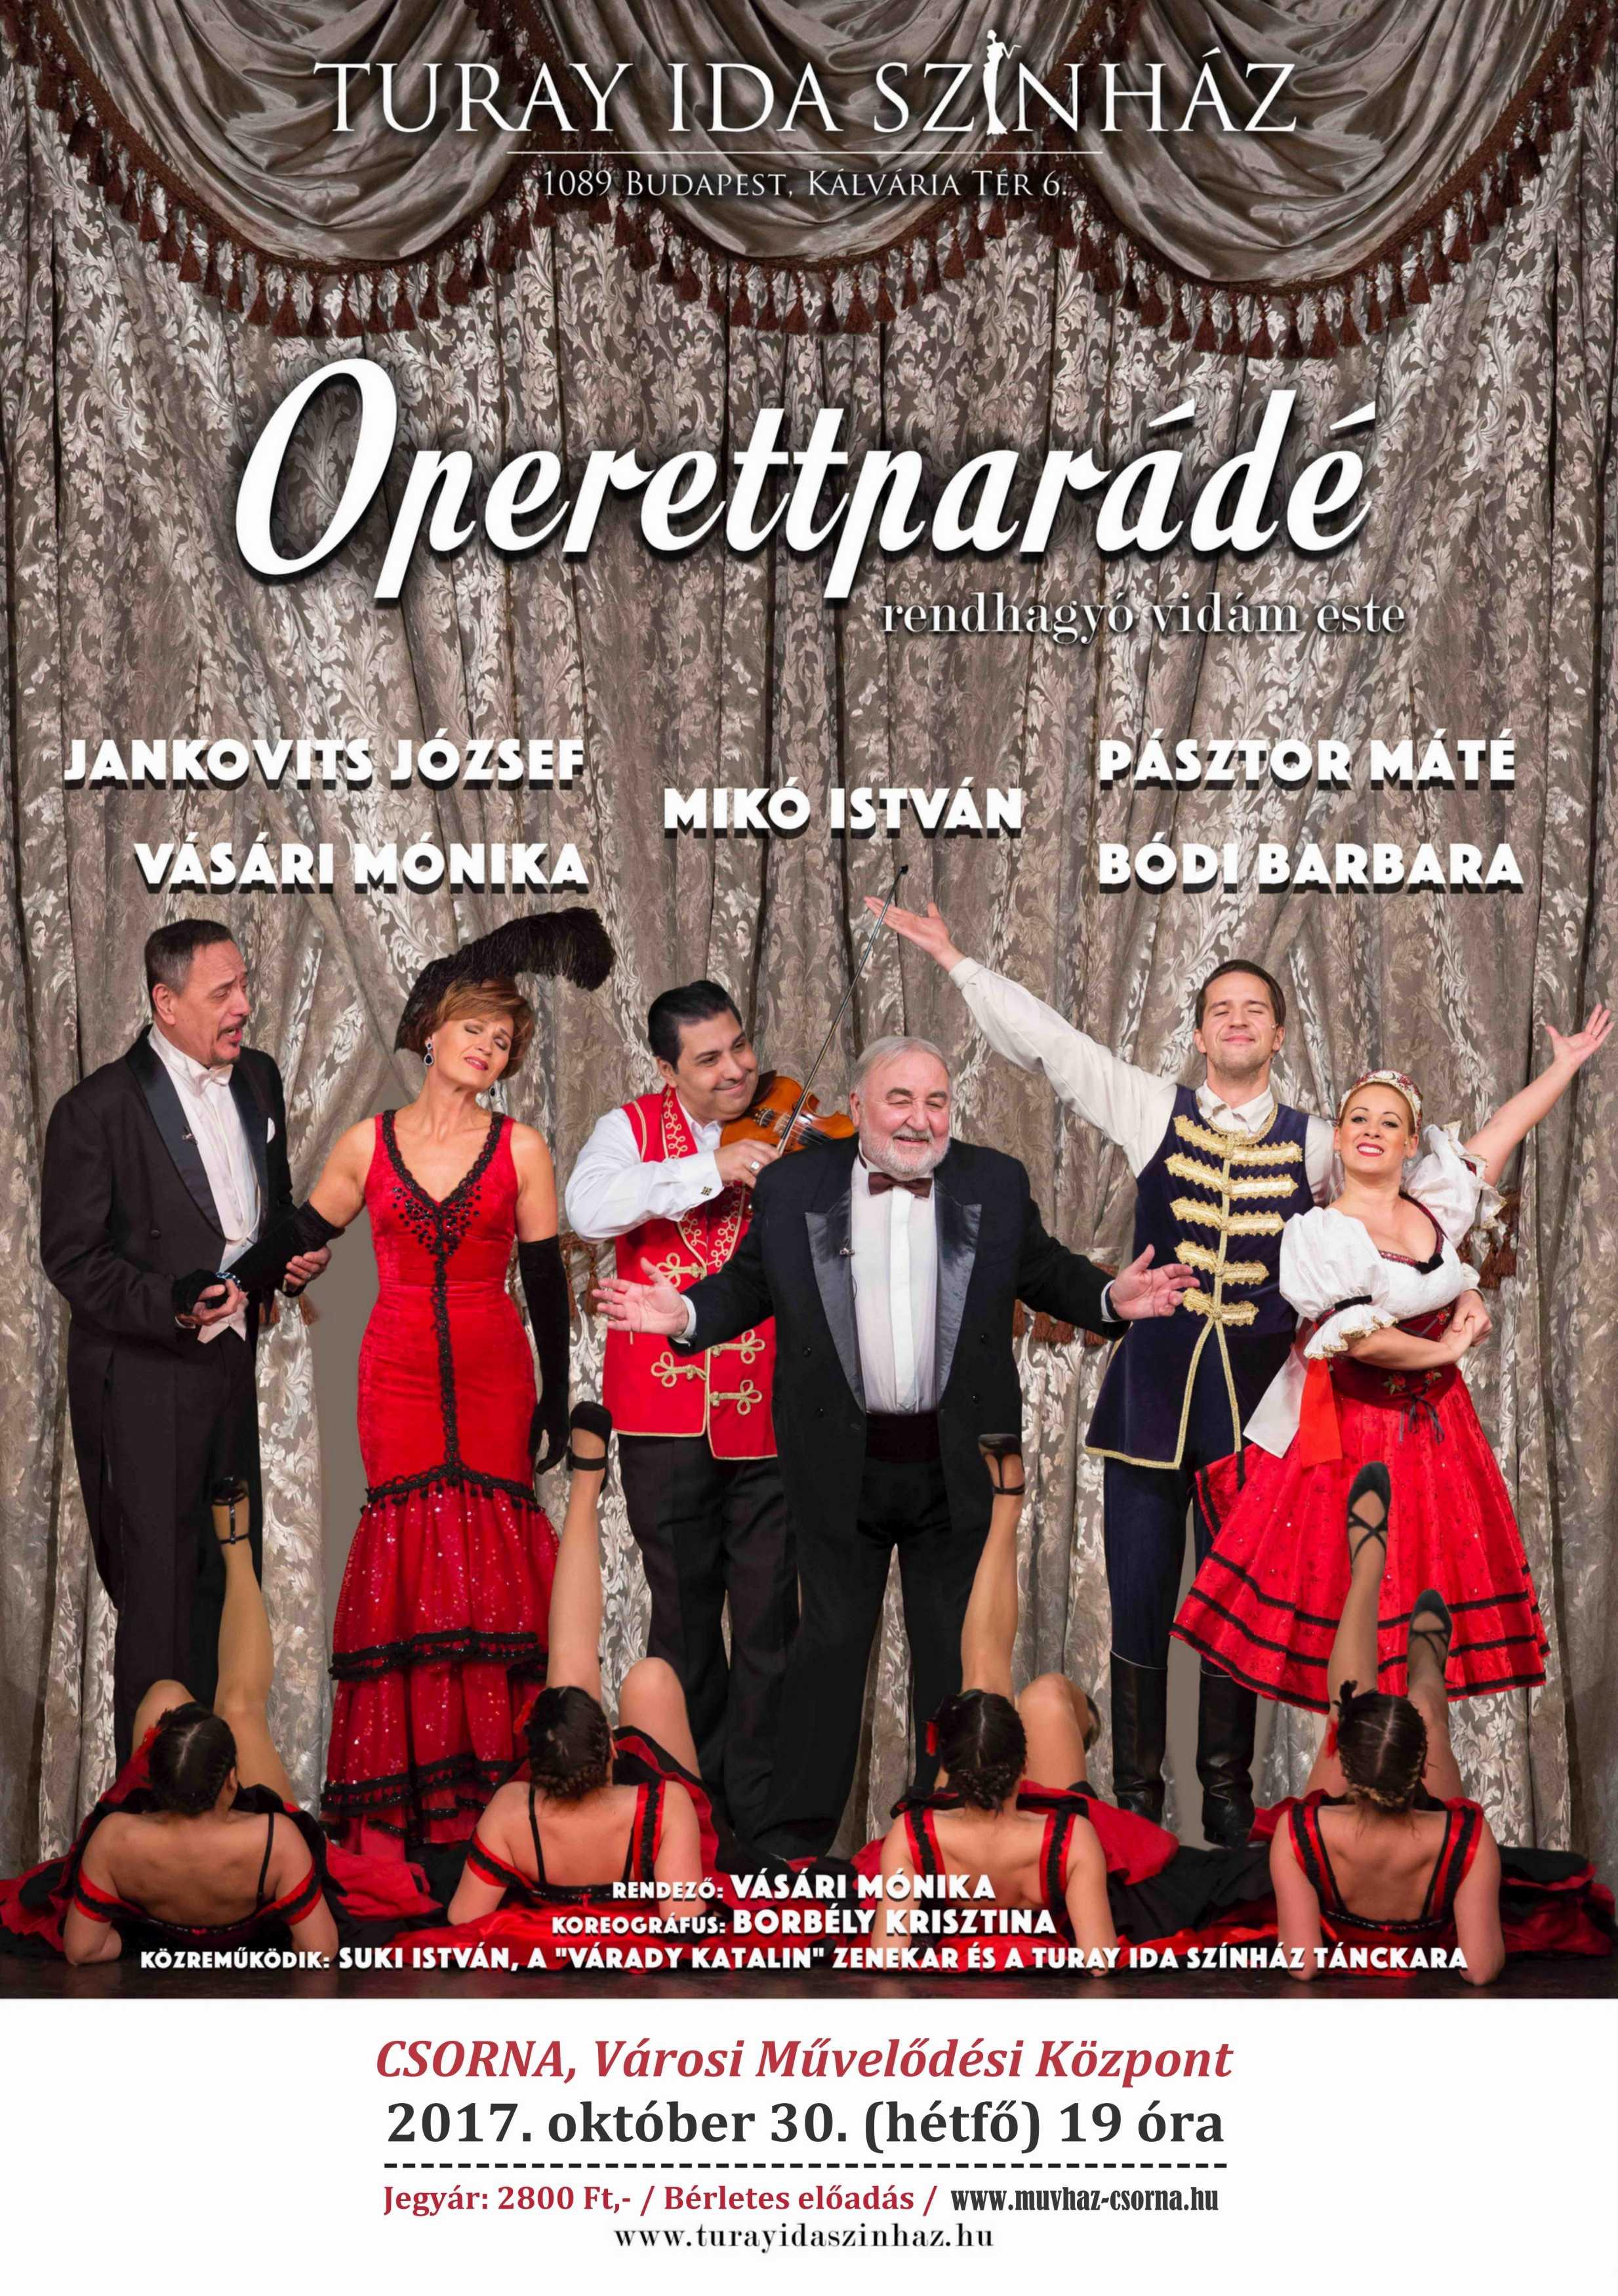 operettparade_2017_10_30